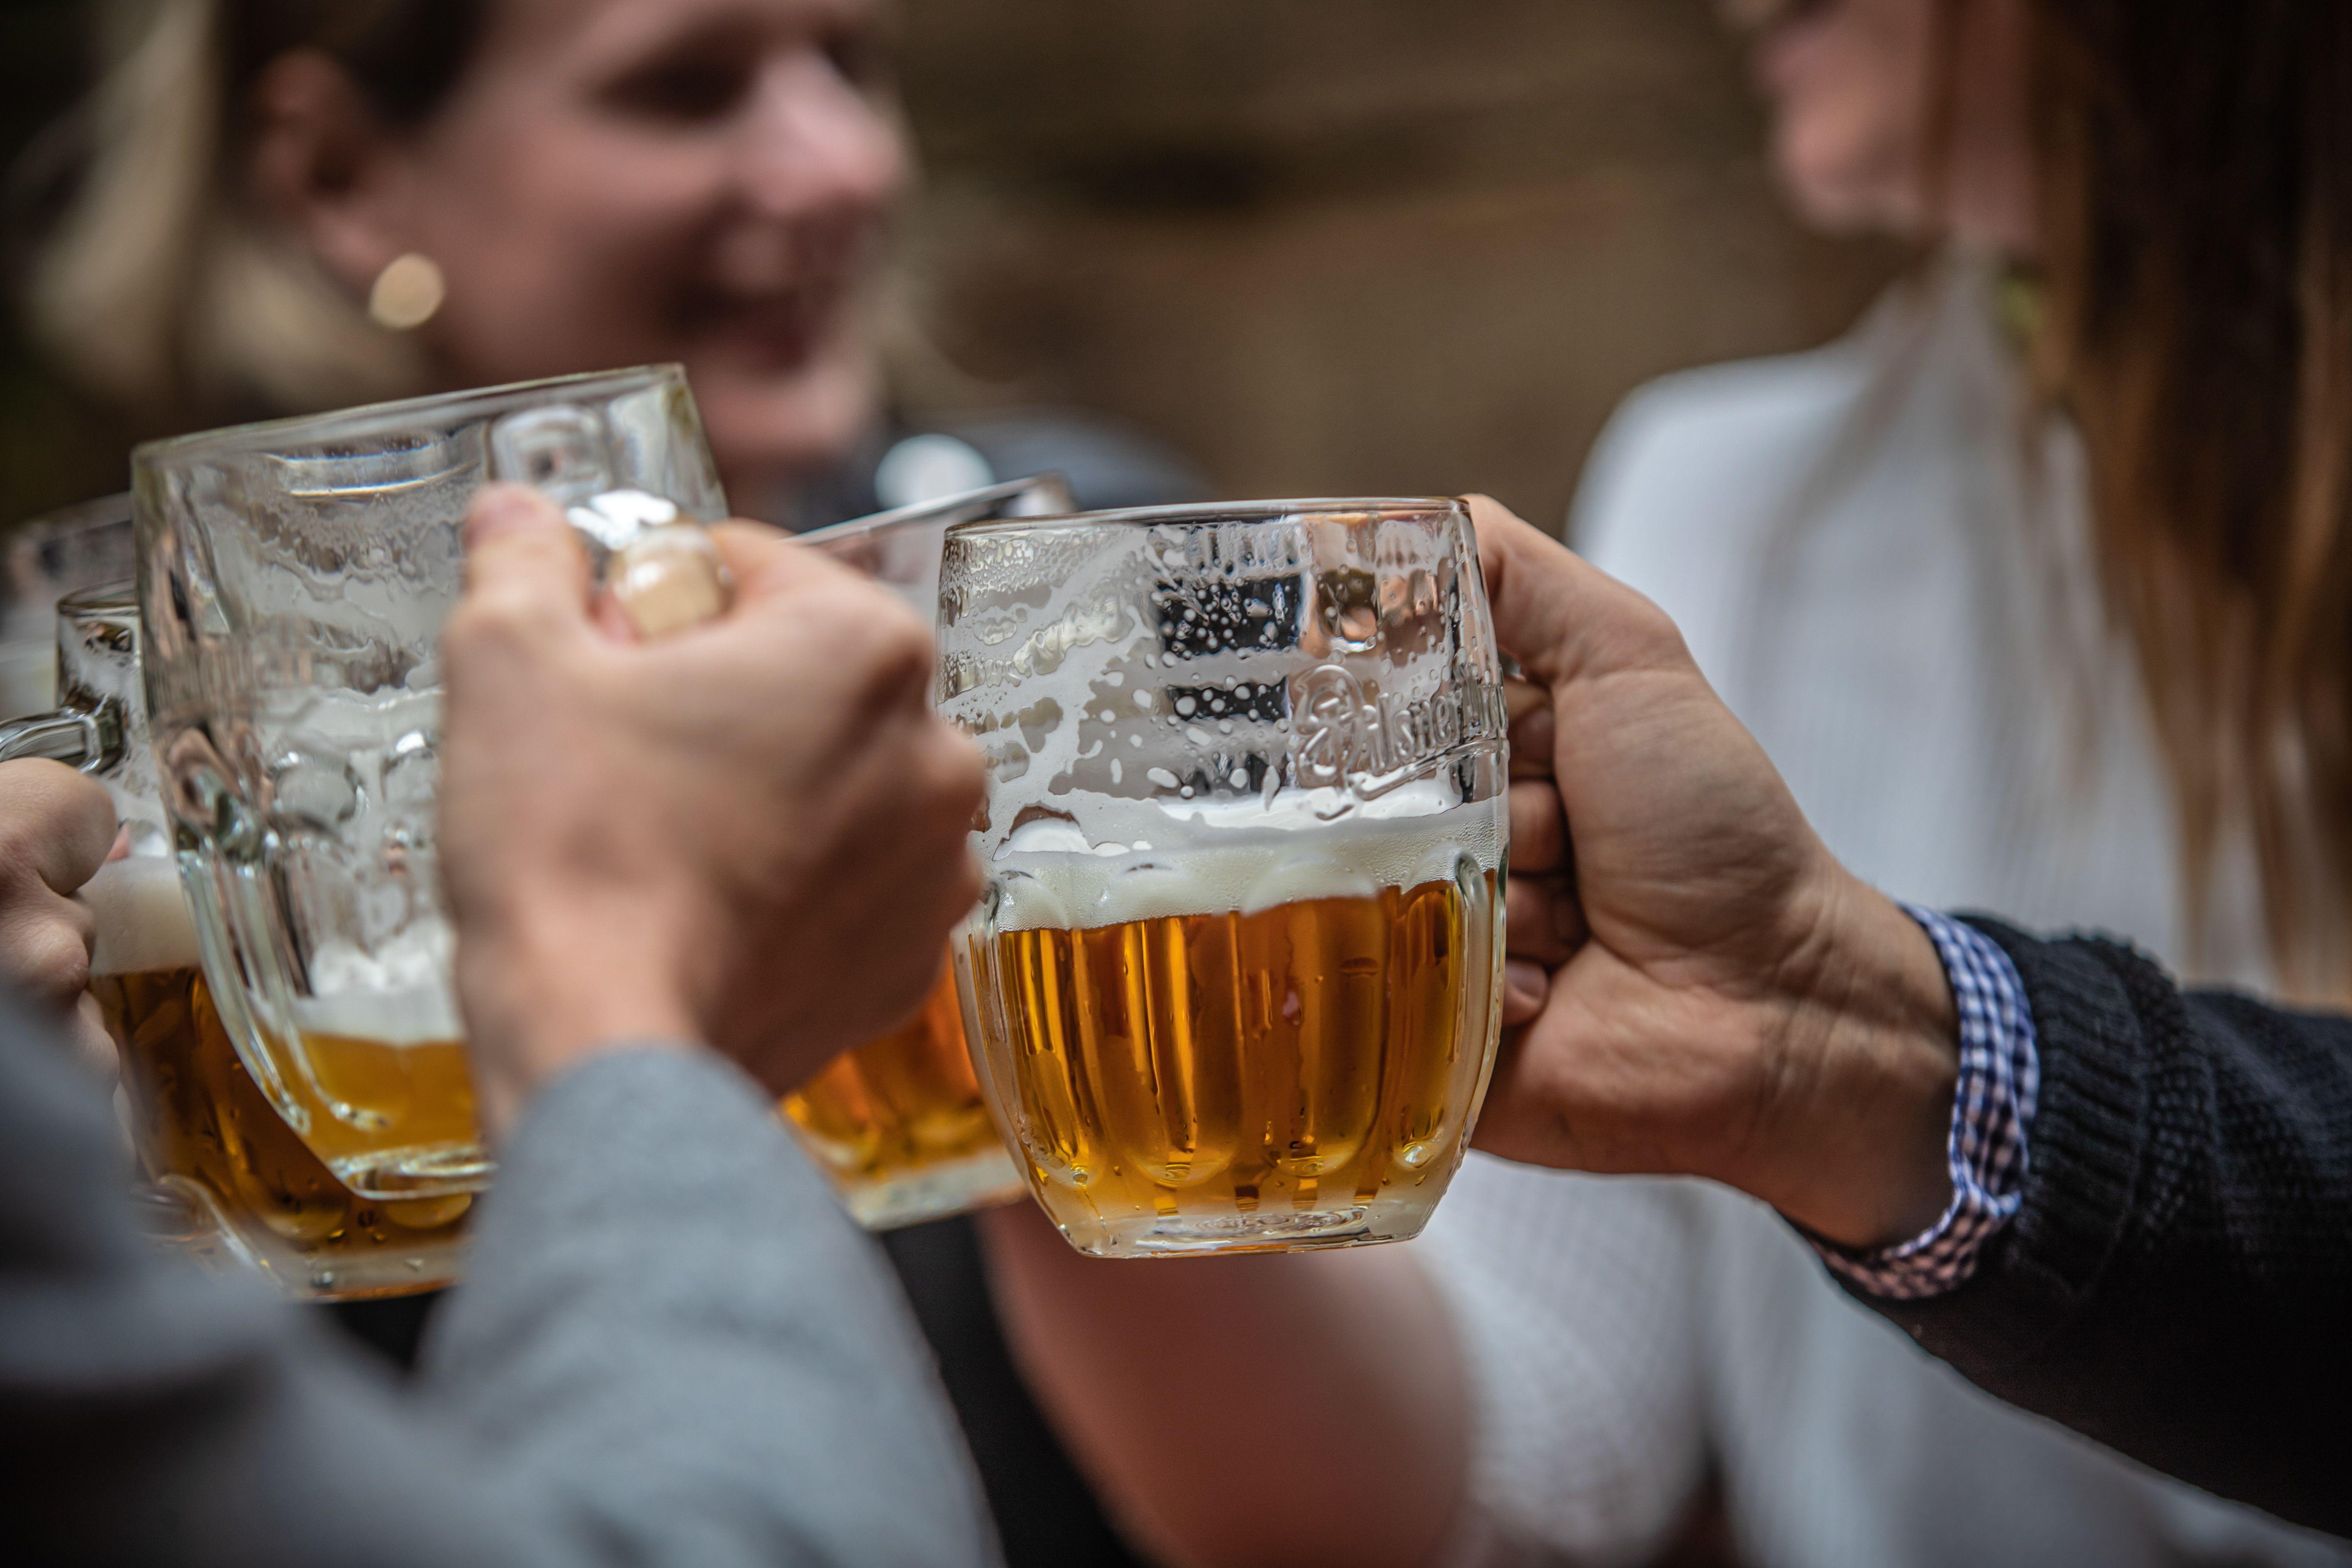 La ley de tránsito nacional indica que el límite de alcohol en sangre para conducir es de 0.50 gramos por litro de sangre; 0,2 gramos por litro de sangre para motociclistas y ciclomotoristas, y 0 gramos para conductores profesionales (EFE)